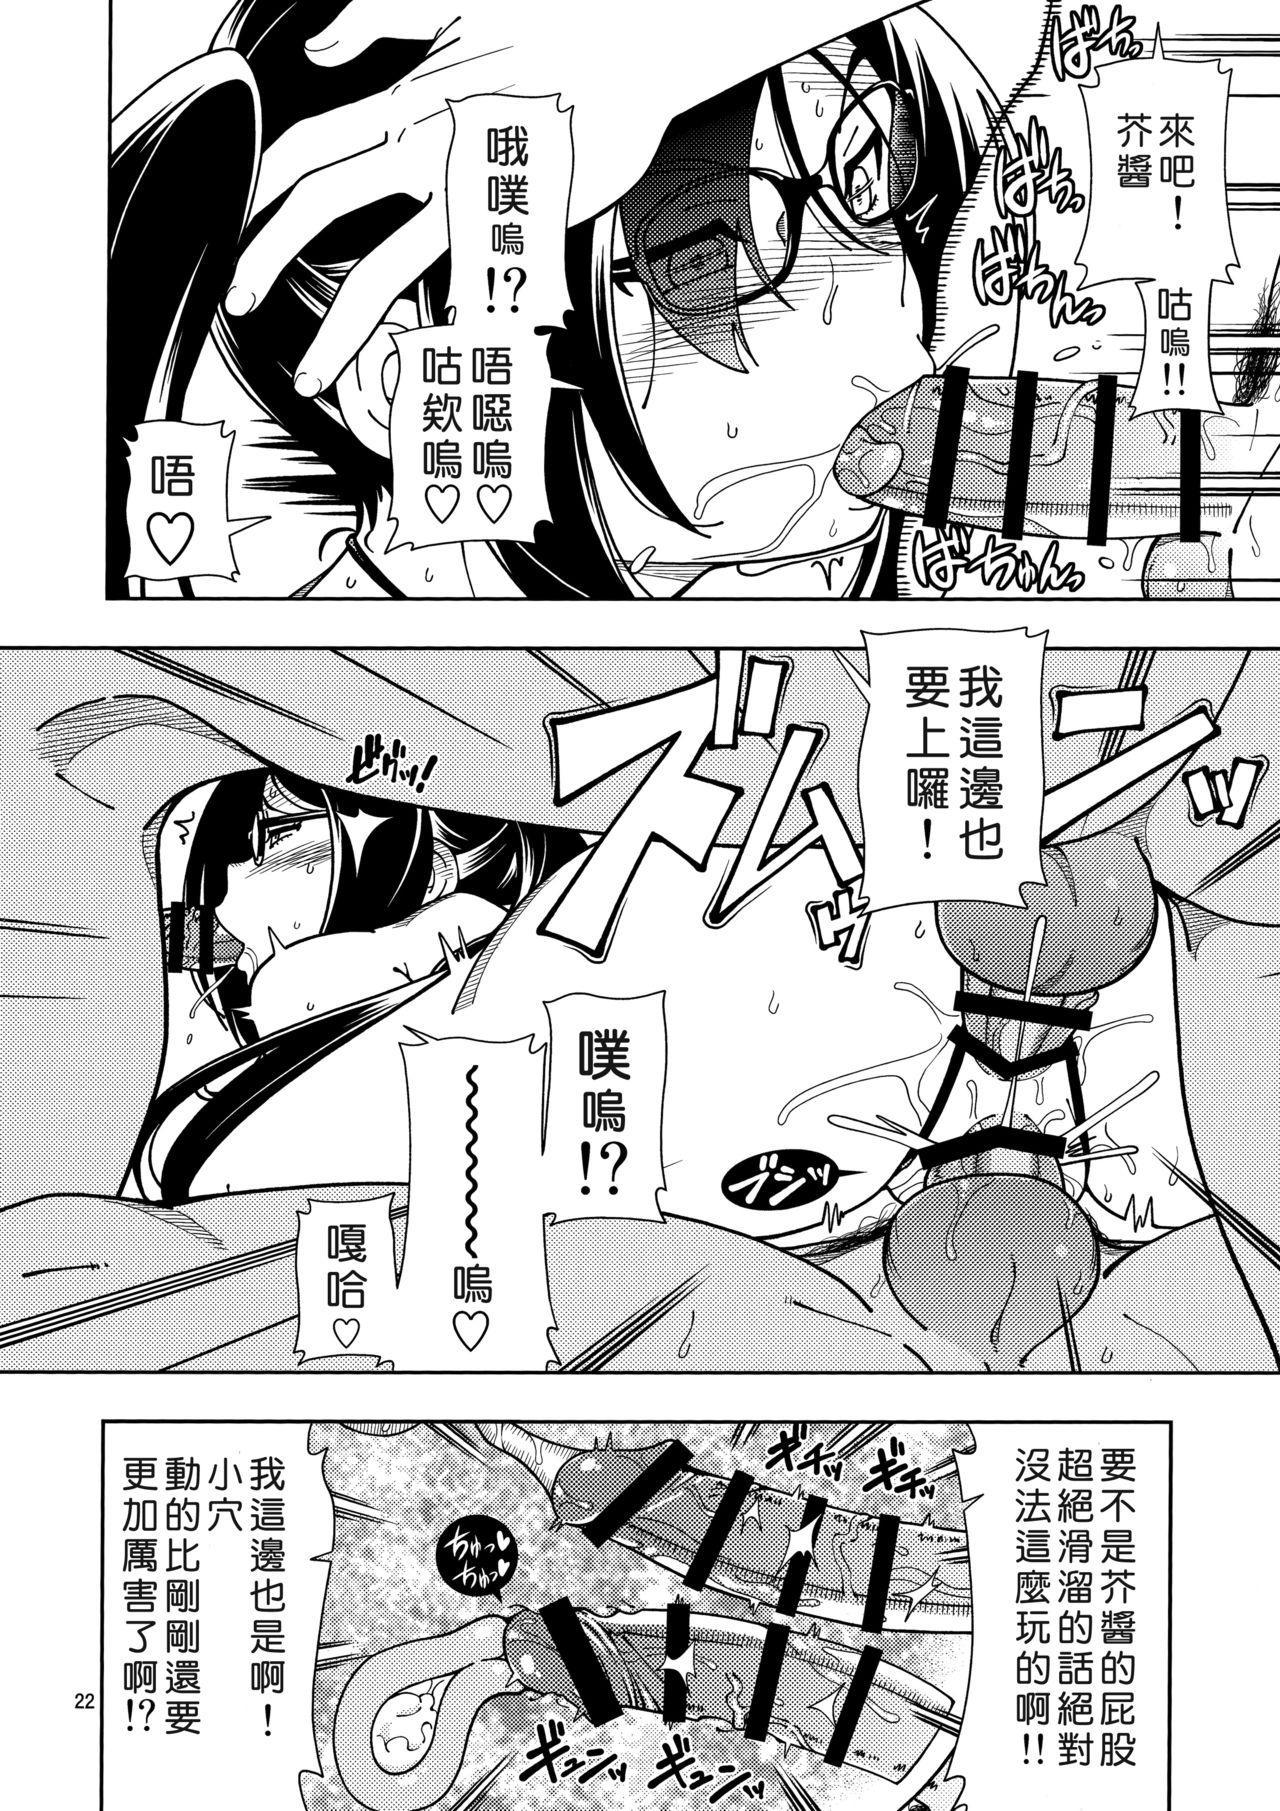 Shoujo Lostbelt 21